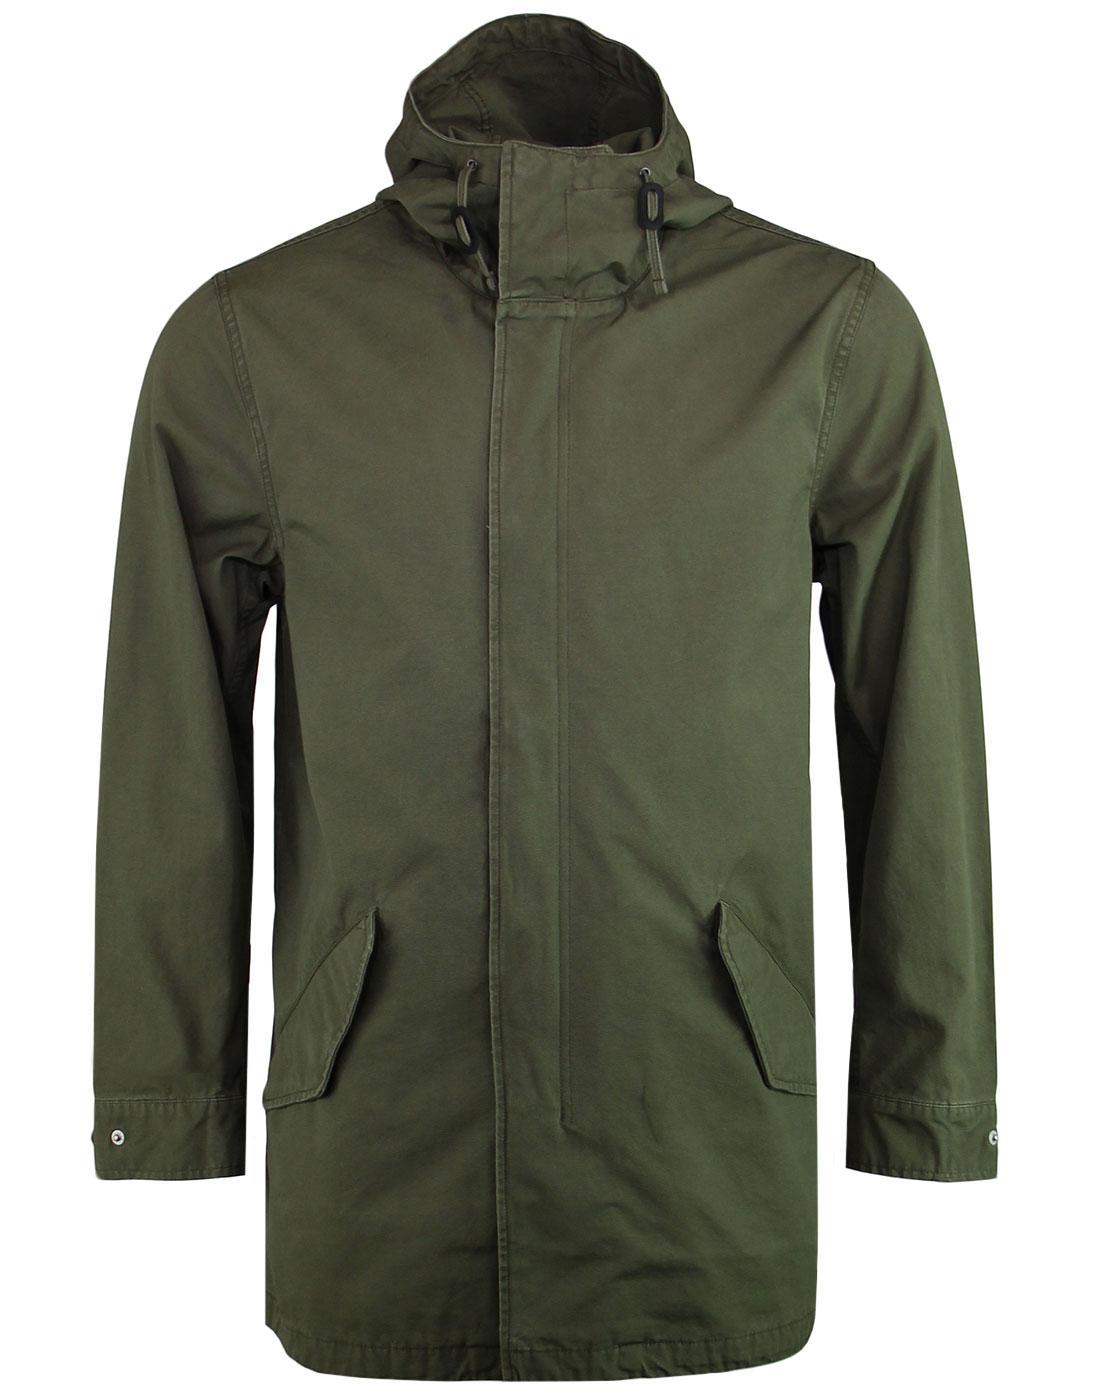 LEVI'S 60s Mod Lightweight Fishtail Parka Jacket O